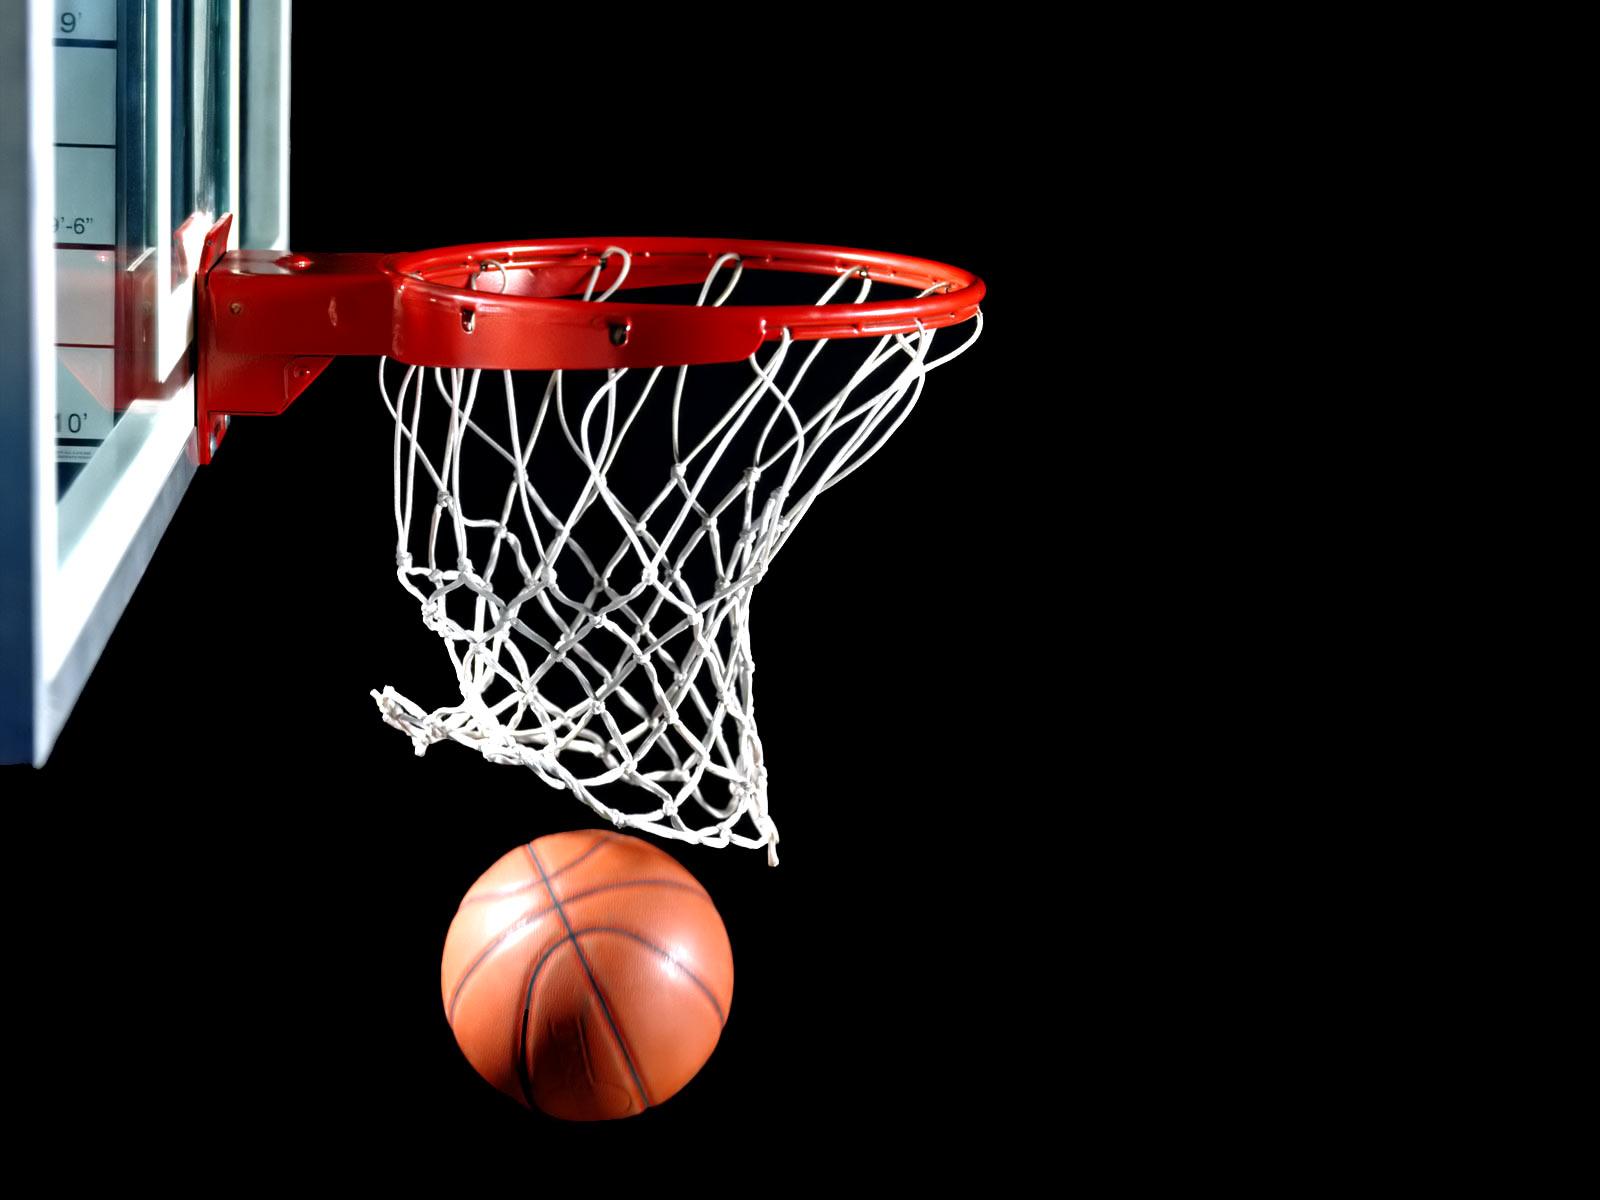 Erkekler Bölgesel Basketbol LİGİ